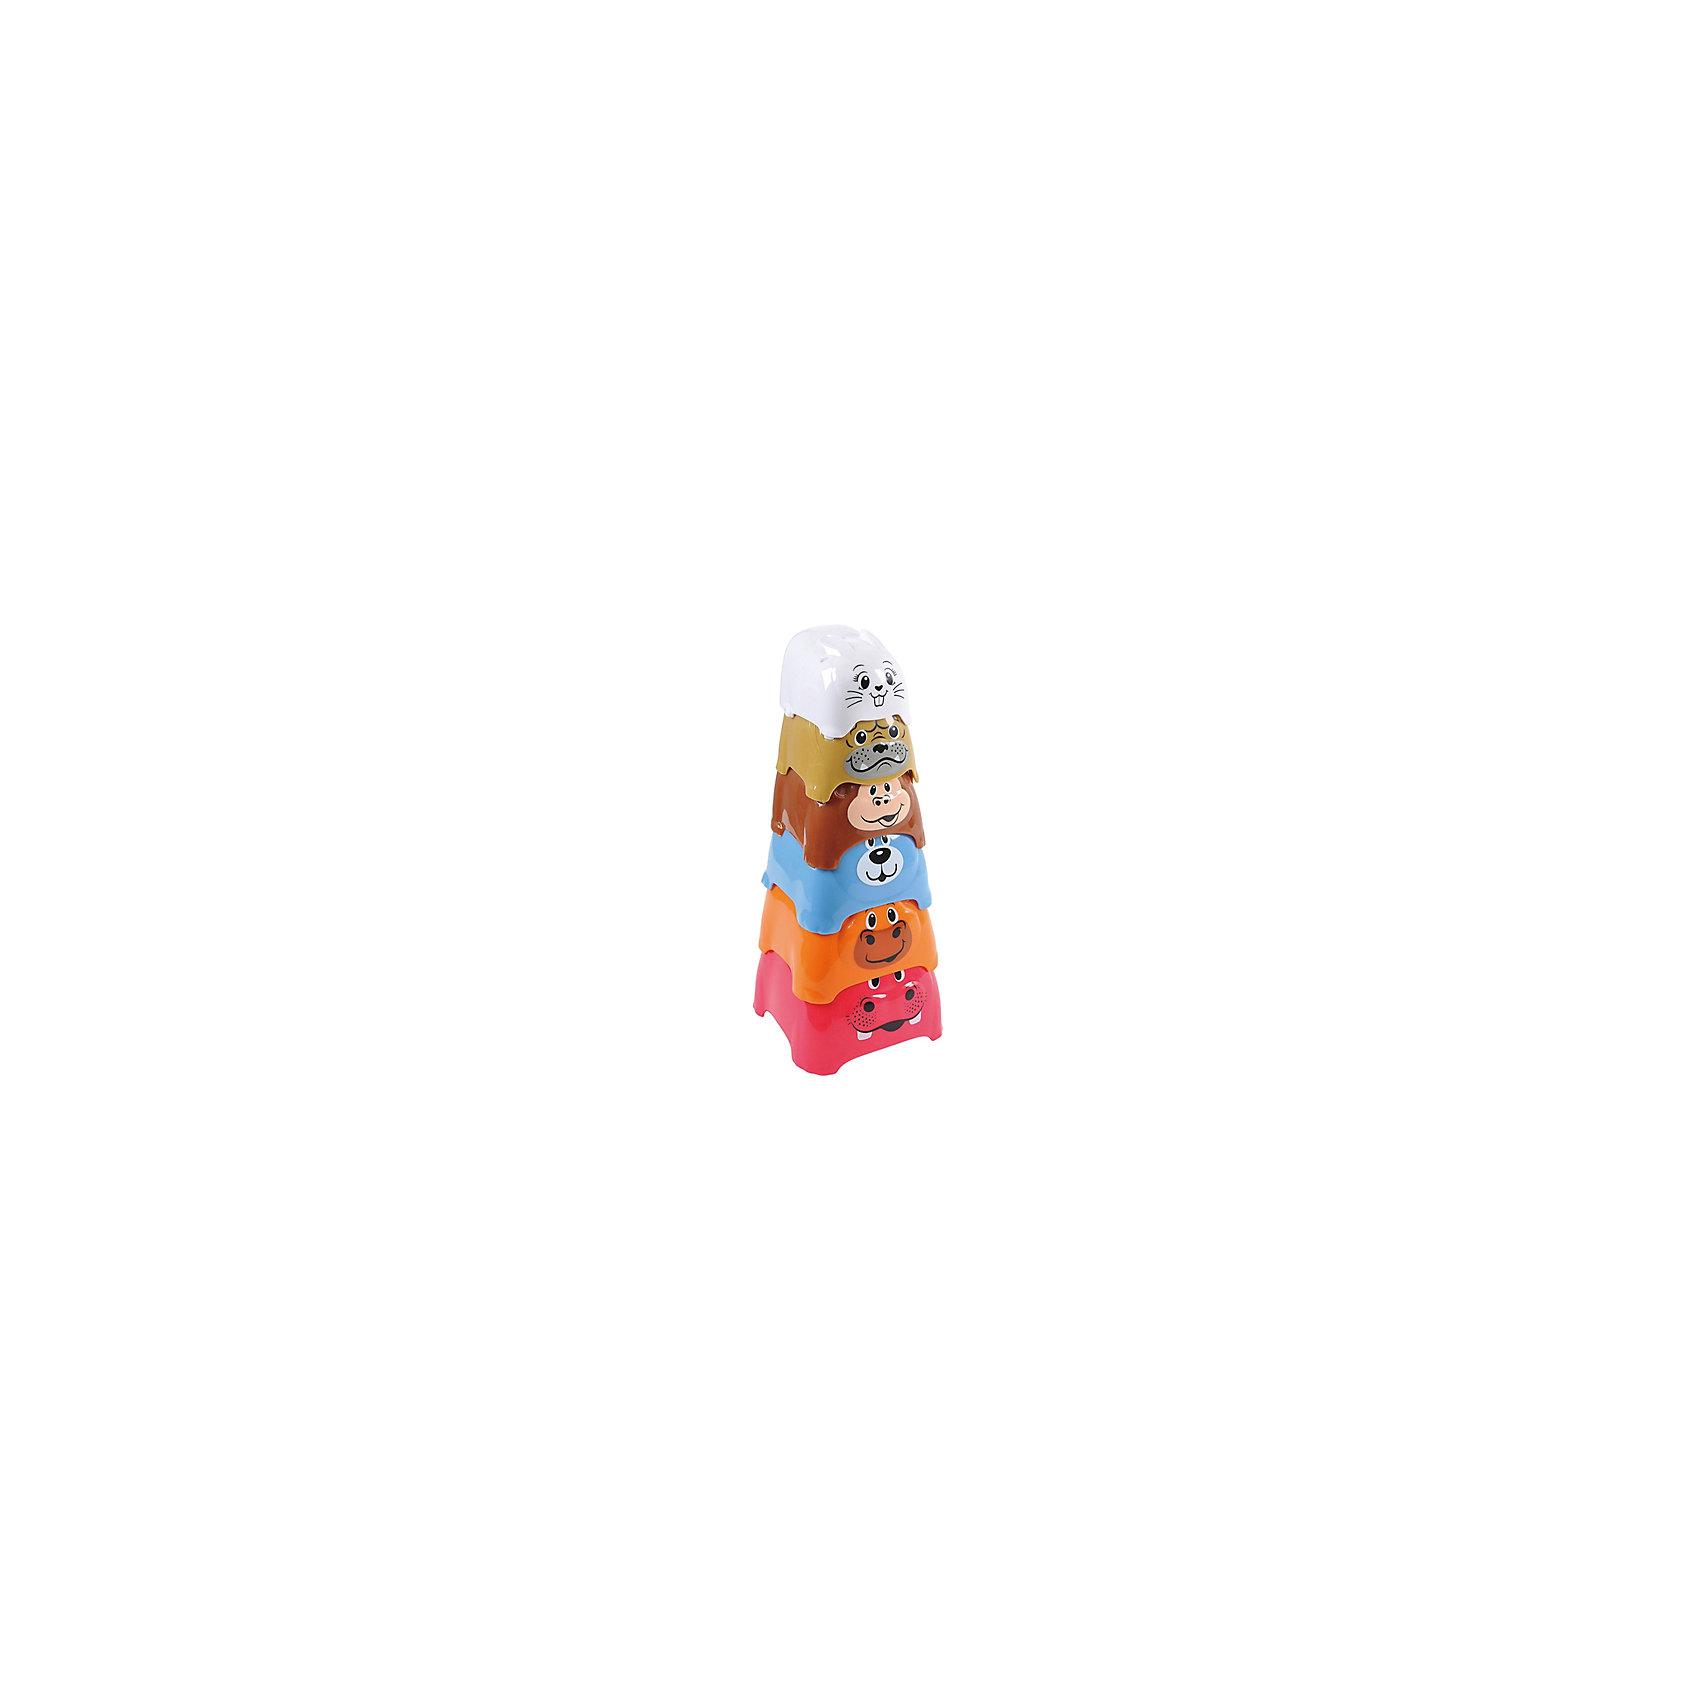 Активный игровой центр Пирамида c животными, PlaygoАктивный игровой центр Пирамида c животными, Playgo<br><br>Характеристики:<br>- В набор входит: один игровой центр <br>- Материал: пластик<br>- Размер: 10 * 25 * 10 см.<br>Активный игровой центр Пирамида c животными от известного китайского бренда развивающих игрушек для детей Playgo (Плейго) станет прекрасным подарком для крохи. Нестандартный вариант пирамидки развлечет ребенка и поможет ему выучить животных, играя с ними. Начиная от крошечного зайки и до большого моржа животные надеваются один на один и также легко складываются для удобного хранения. Изготовленная из качественного пластика, разноцветная игрушка способствует развитию логики, тактильных ощущений, воображения, цветового восприятия и моторики ручек. Небольшой размер позволит брать эту игрушку на прогулку, в песочницу и в поездку.<br>Активный игровой центр Пирамида c животными, Playgo (Плейго) можно купить в нашем интернет-магазине.<br>Подробнее:<br>• Для детей в возрасте: от 12 до 36 месяцев<br>• Номер товара: 5054071<br>Страна производитель: Китай<br><br>Ширина мм: 120<br>Глубина мм: 120<br>Высота мм: 270<br>Вес г: 180<br>Возраст от месяцев: 12<br>Возраст до месяцев: 36<br>Пол: Унисекс<br>Возраст: Детский<br>SKU: 5054071